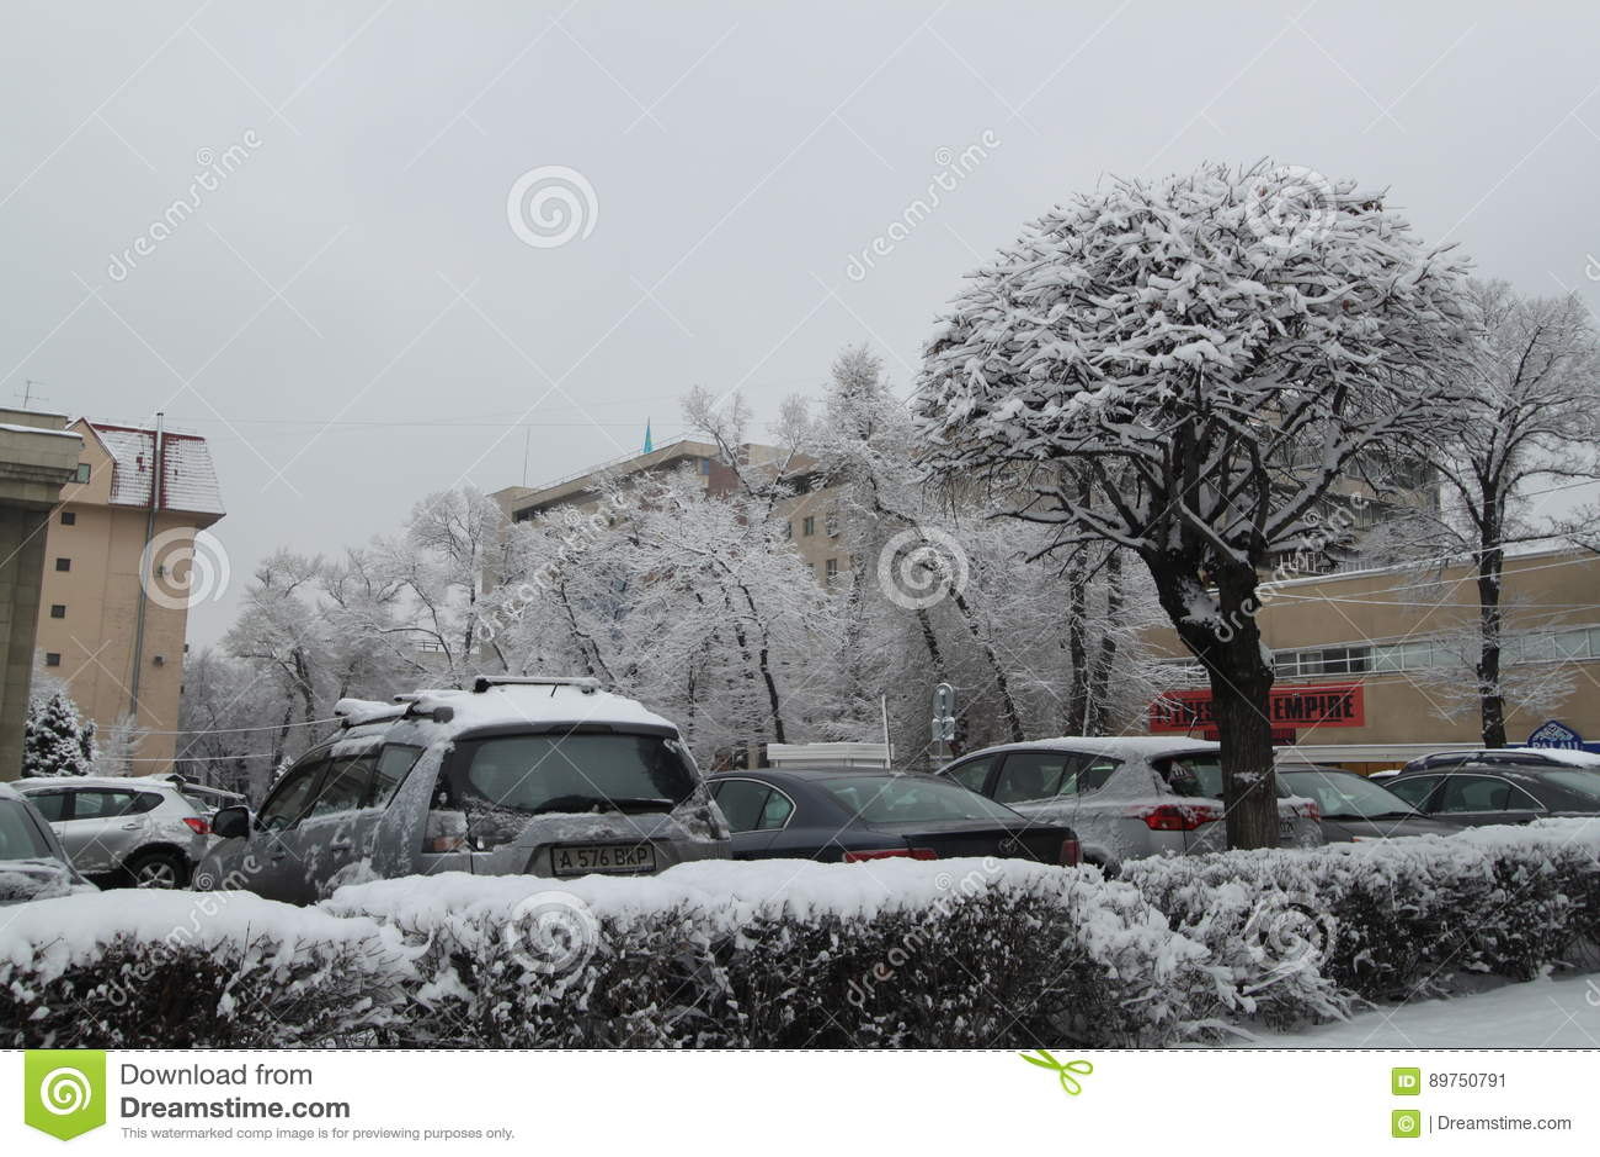 De winter, sneeuw op de omheinings fnd boom